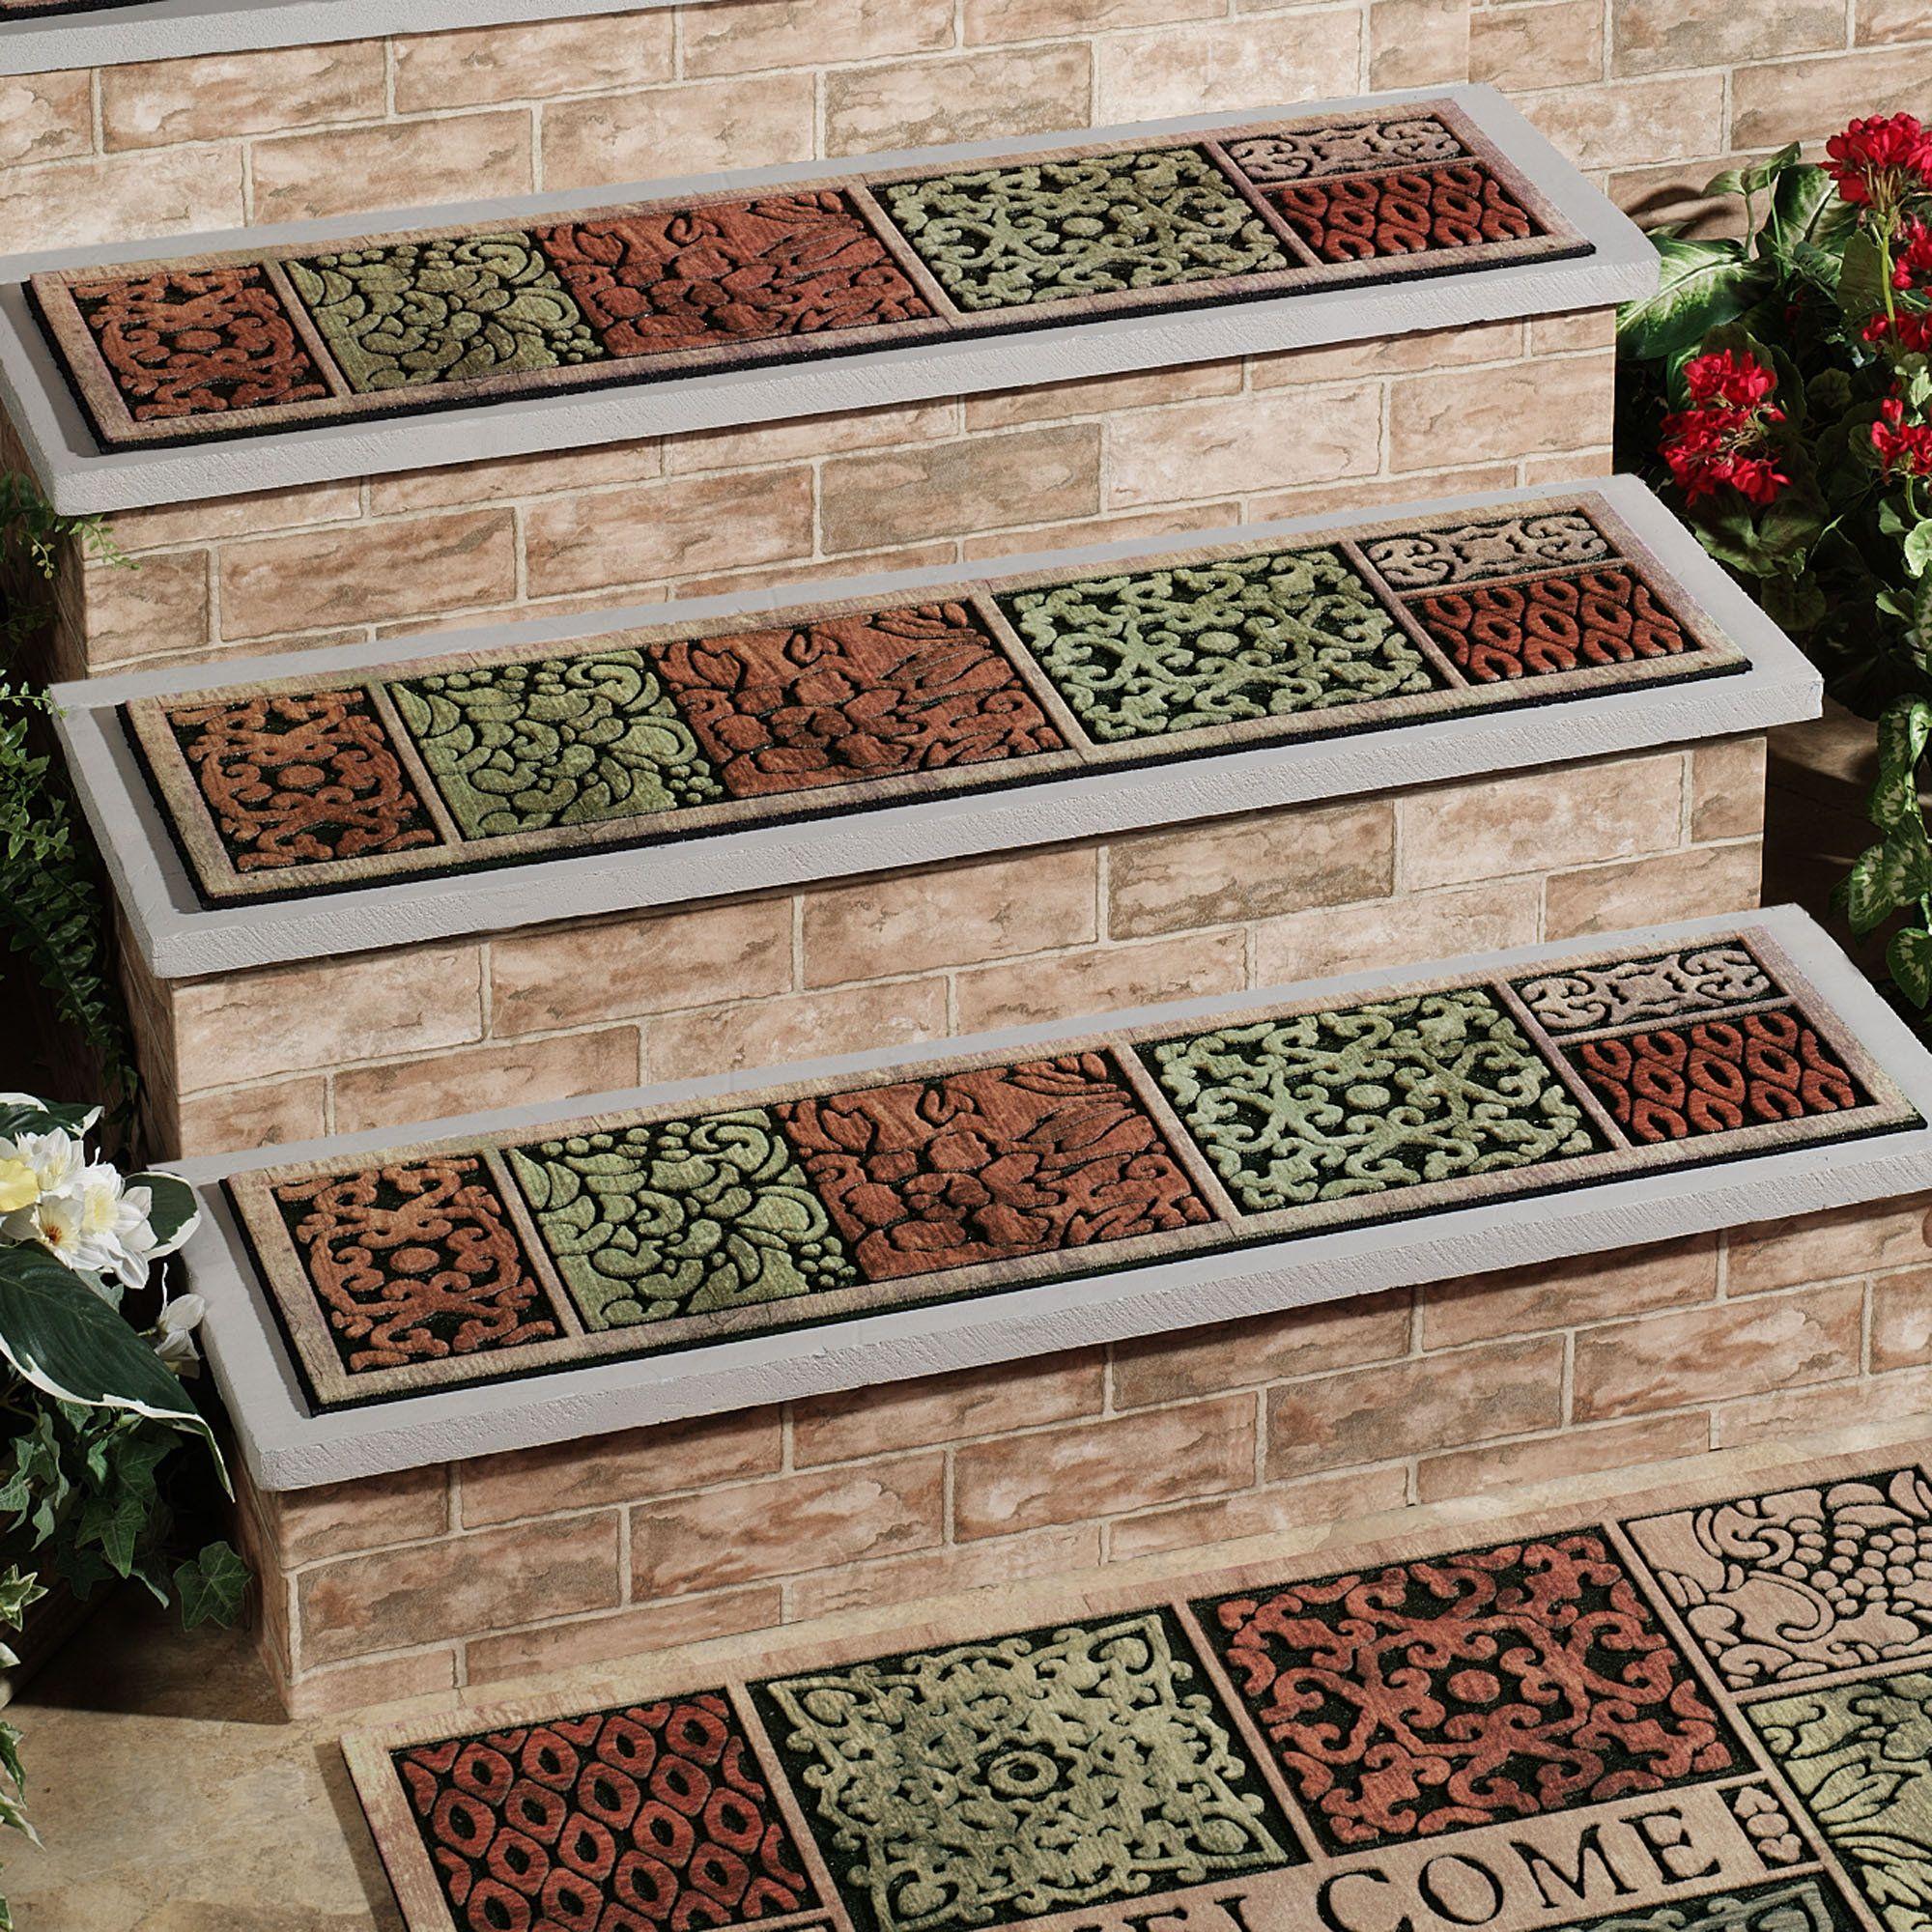 Outdoor Stair Treads Stair Tread Rugs Stair Treads Carpet | Outdoor Carpet Stair Treads | Stair Runner | Rug | Stair Nosing | Slip Resistant | Flooring